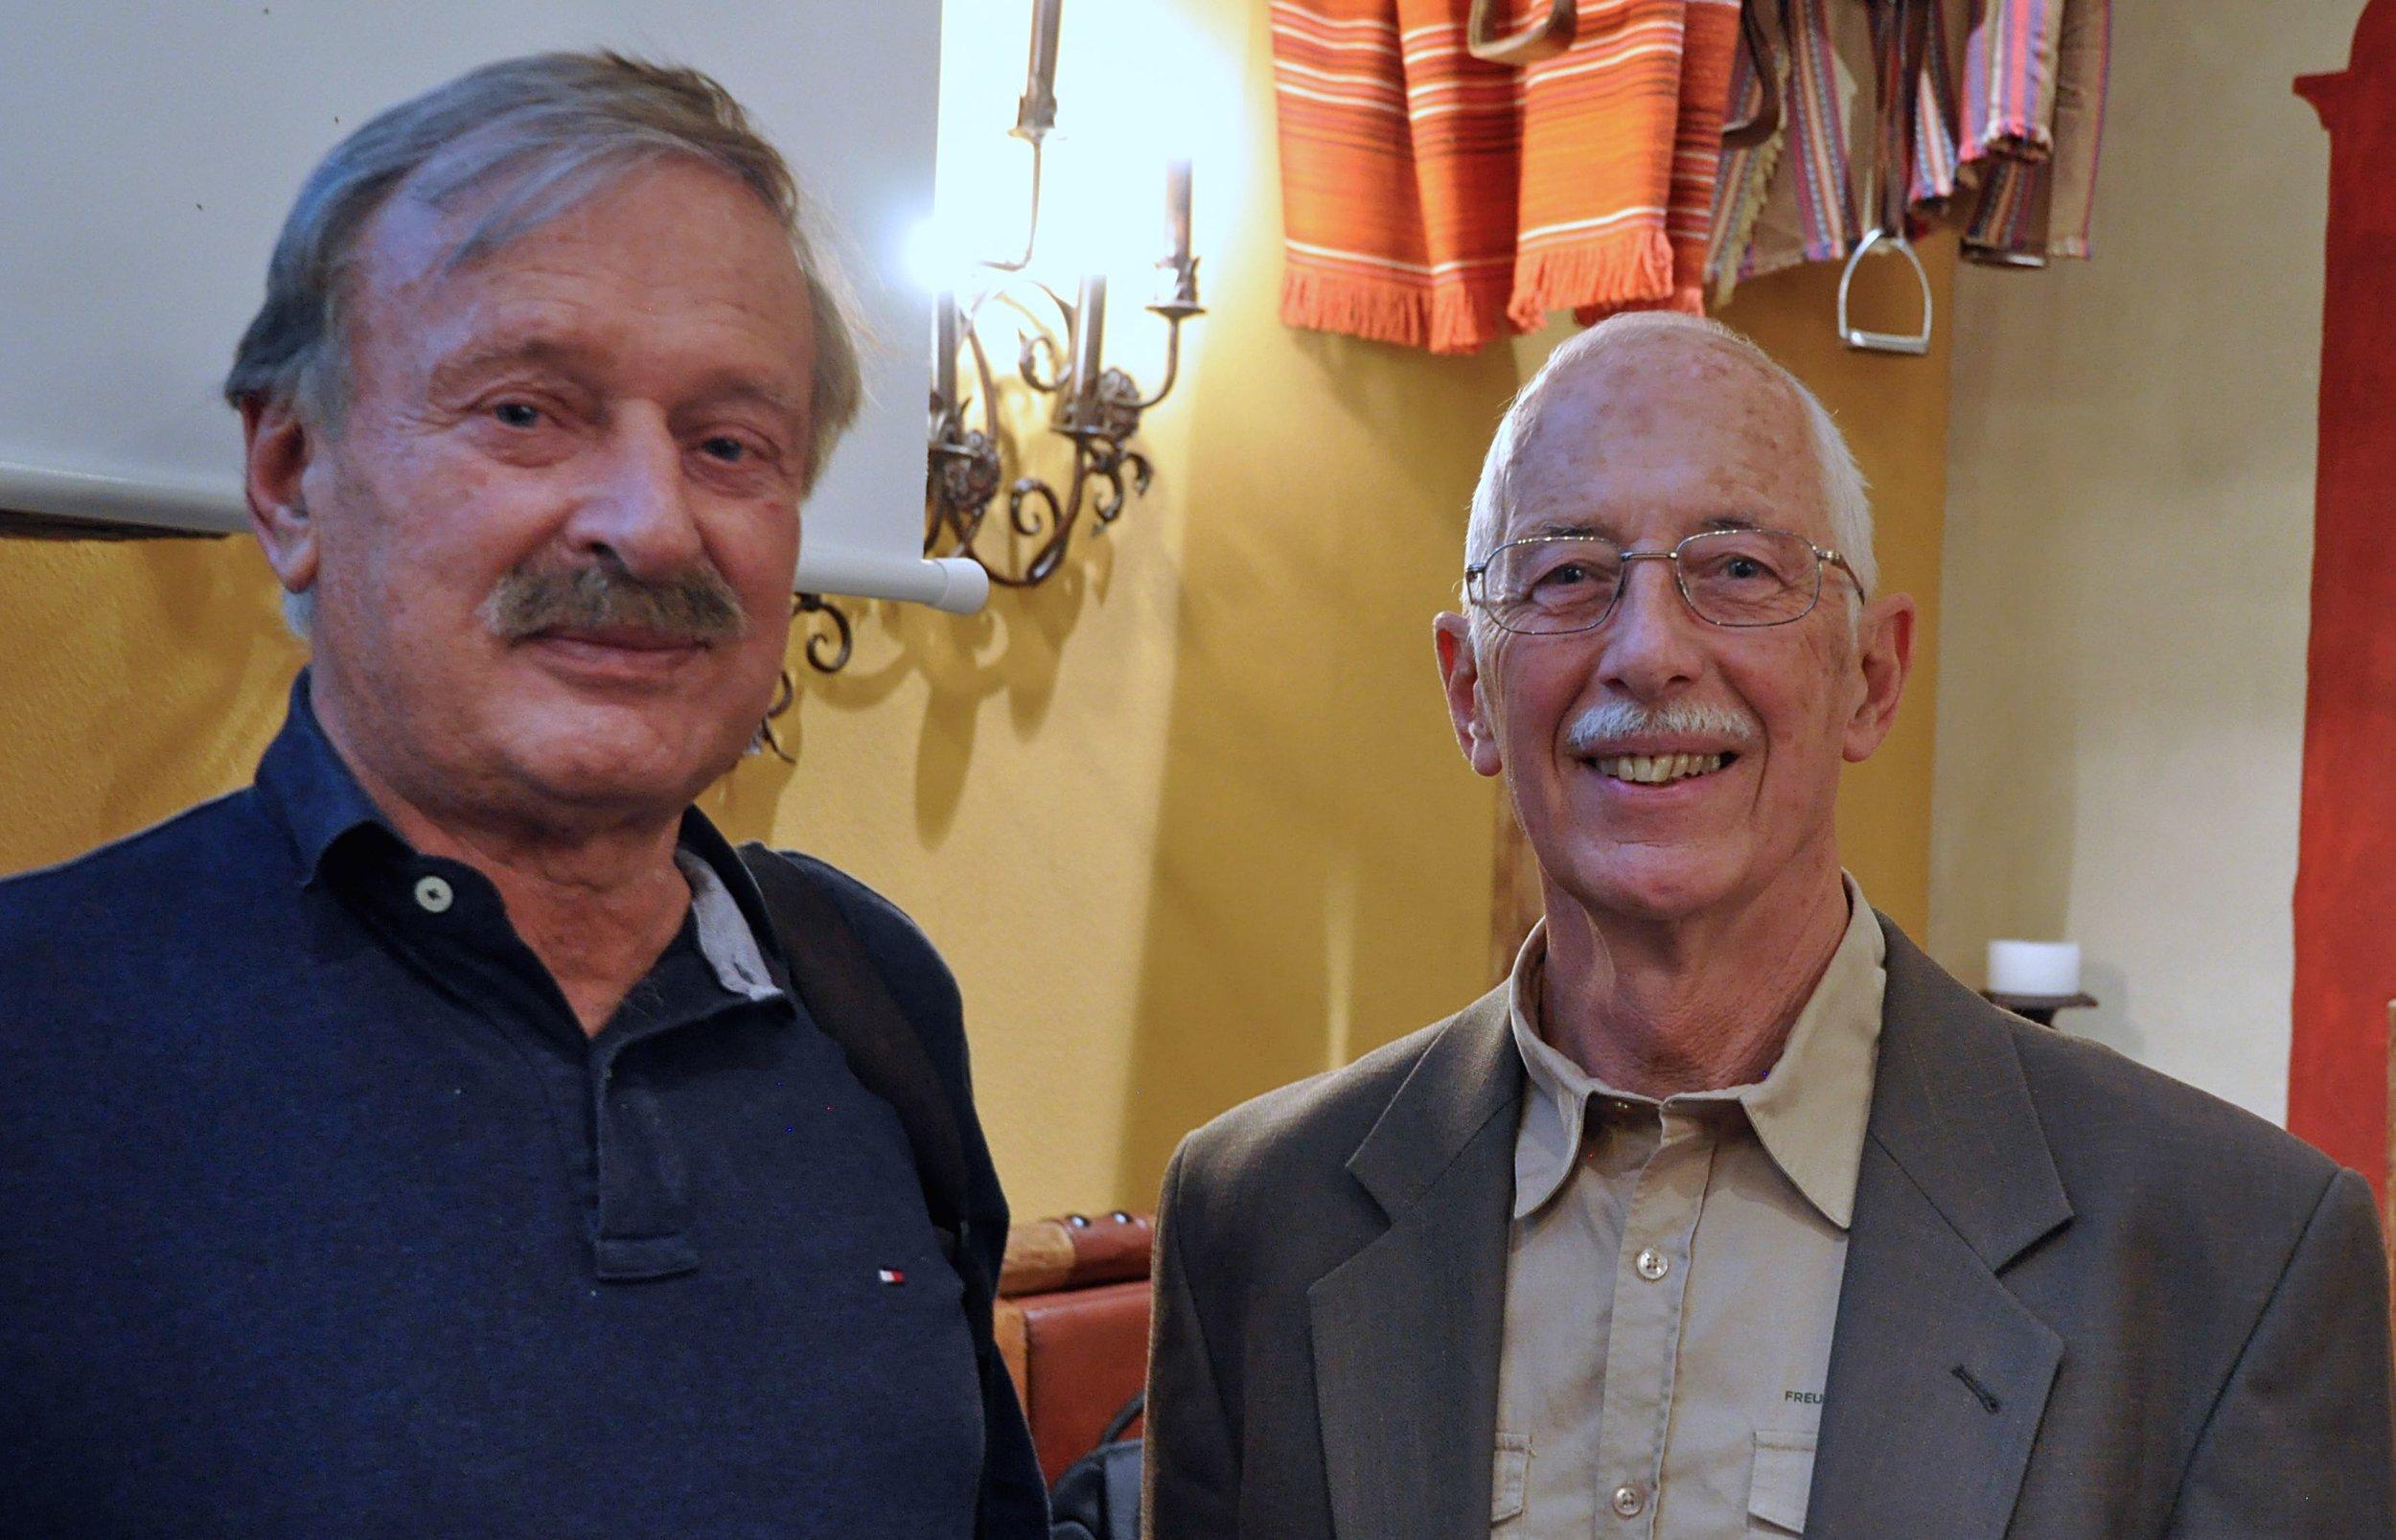 Filmer Karl Ammann und FSS-Präsident Adrian Schläpfer |  © Foto by R.Suter